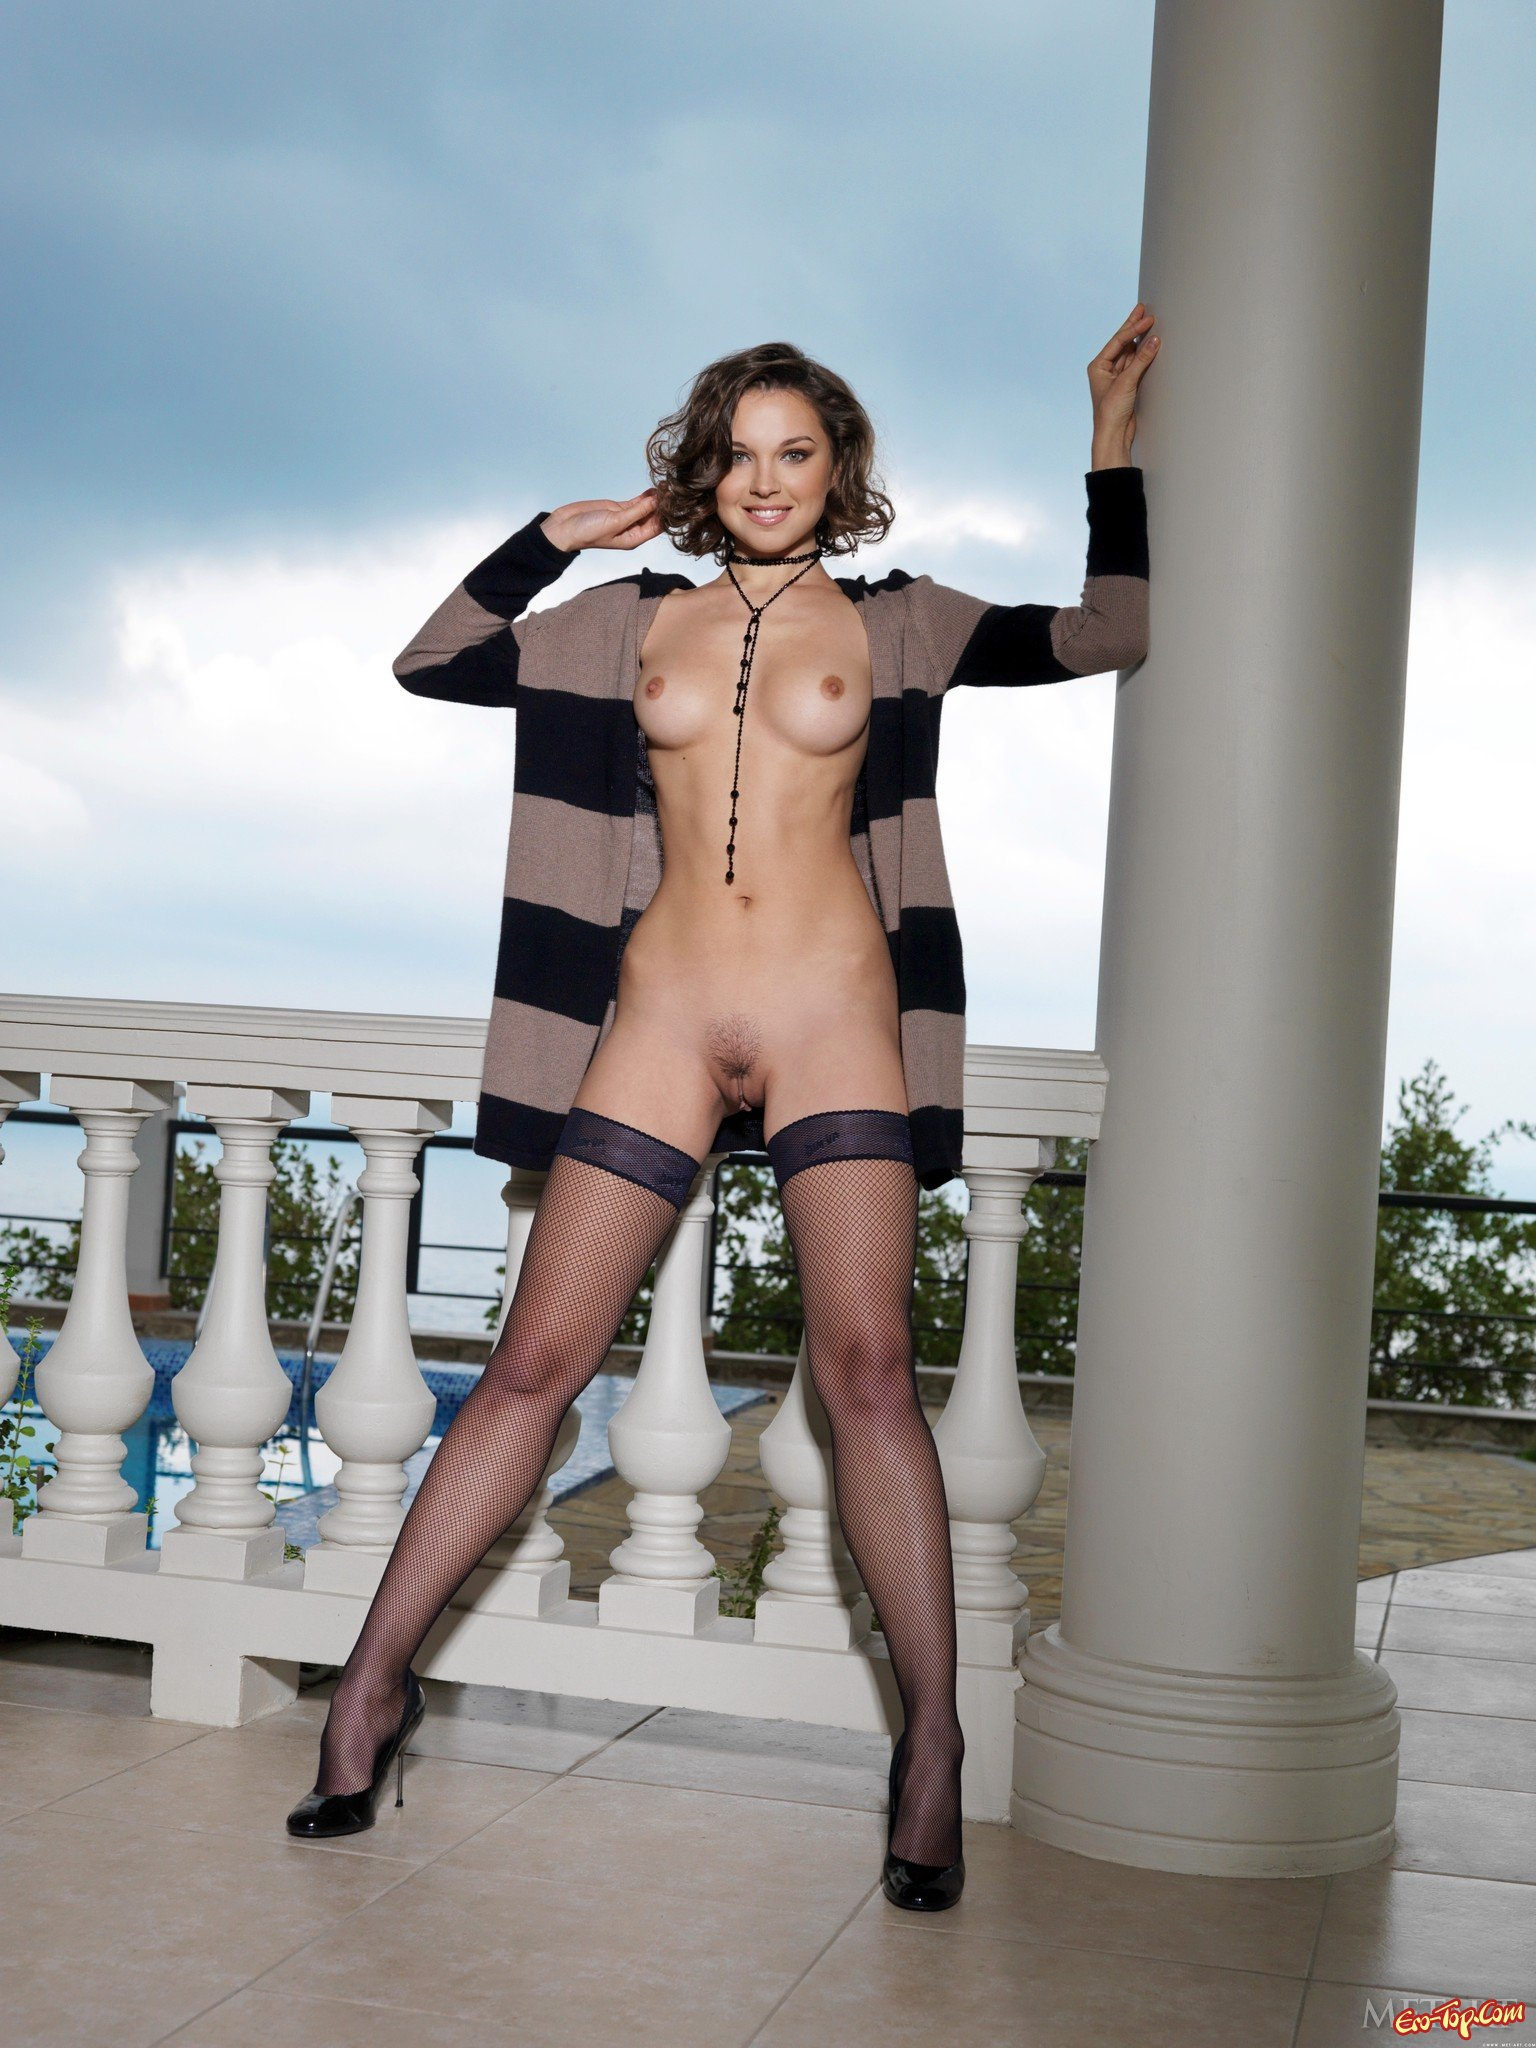 Титькастая проститутка в носках